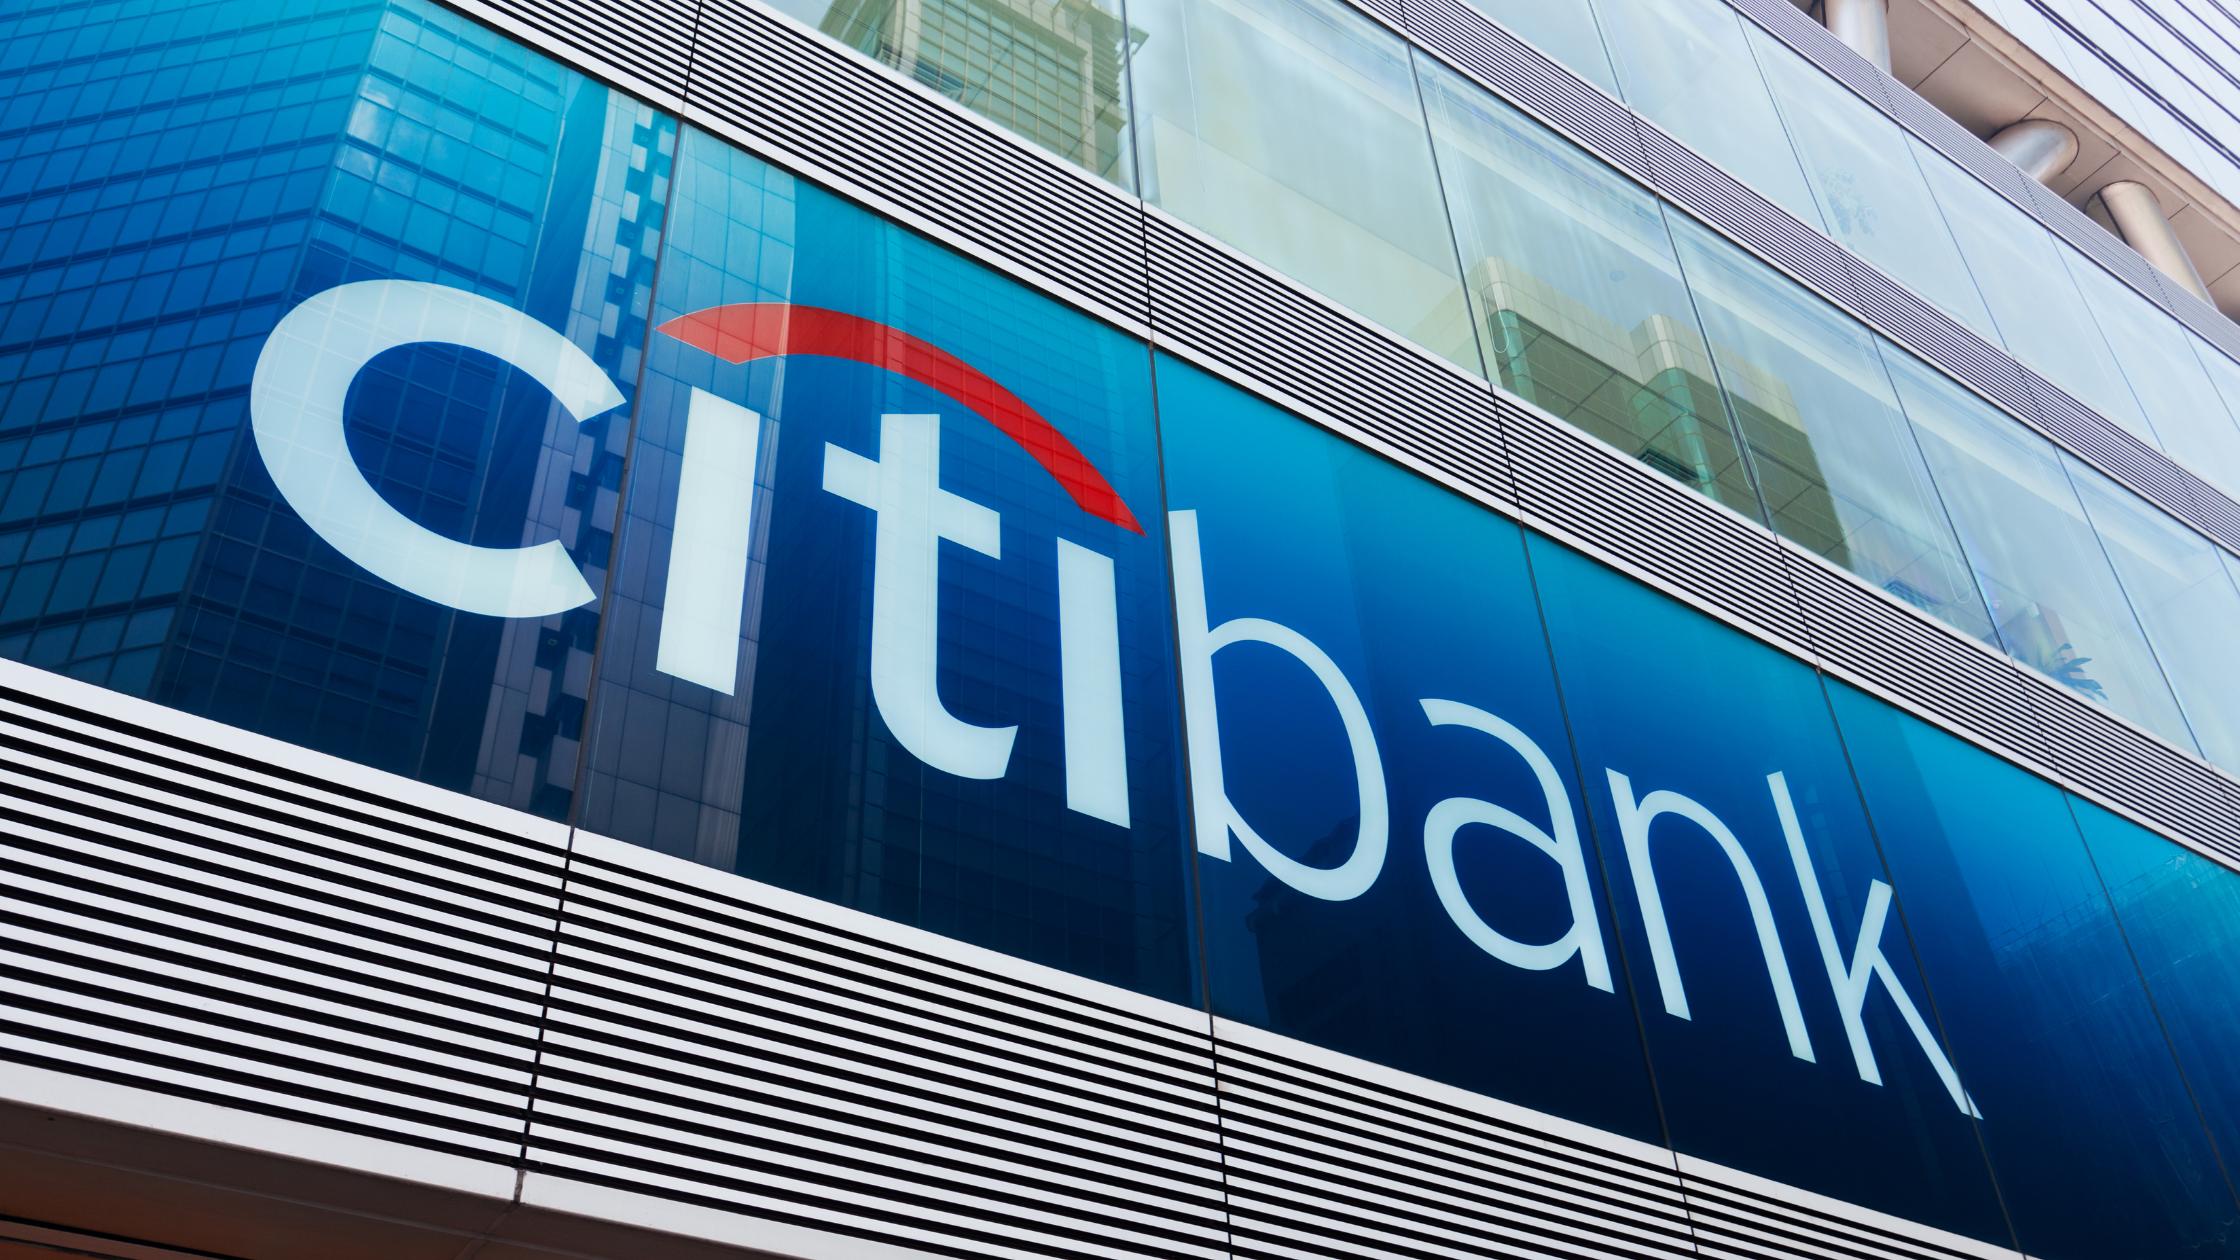 Citigroup proíbe calls e incentiva folgas em nome do bem-estar